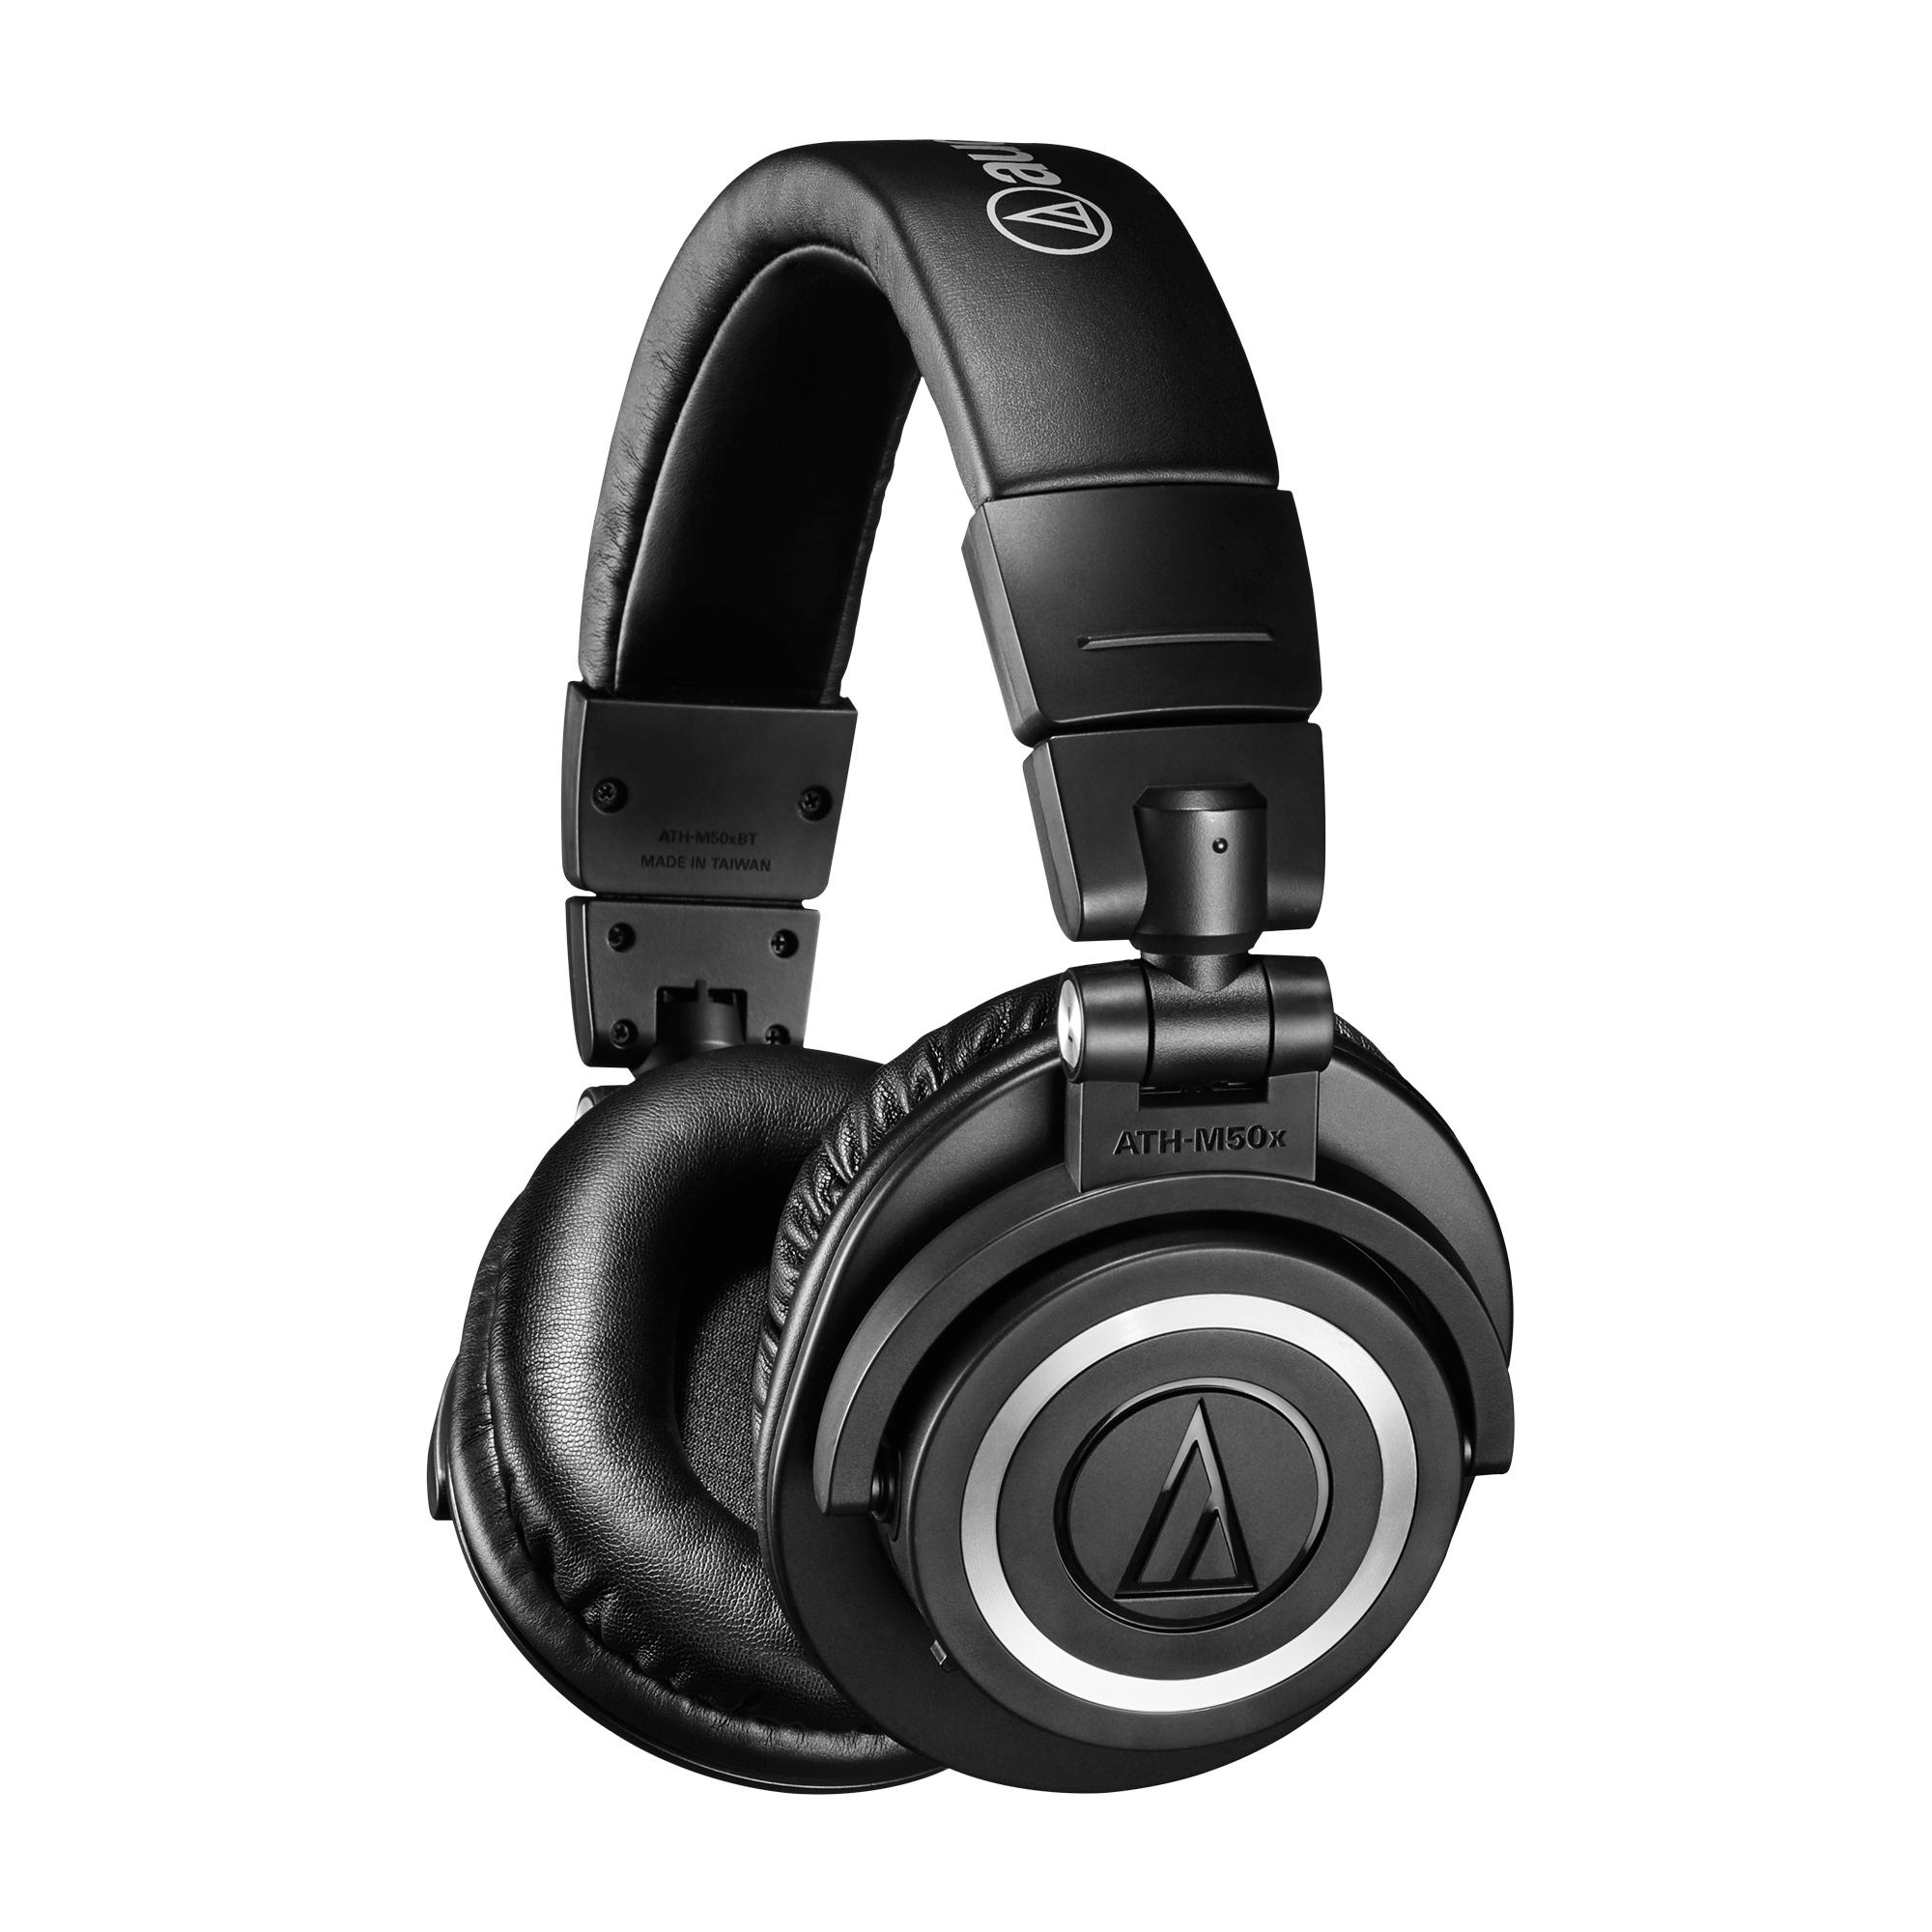 Słuchawki Audio-Technica ATH-M50xBT Końcowa cena 589 zł